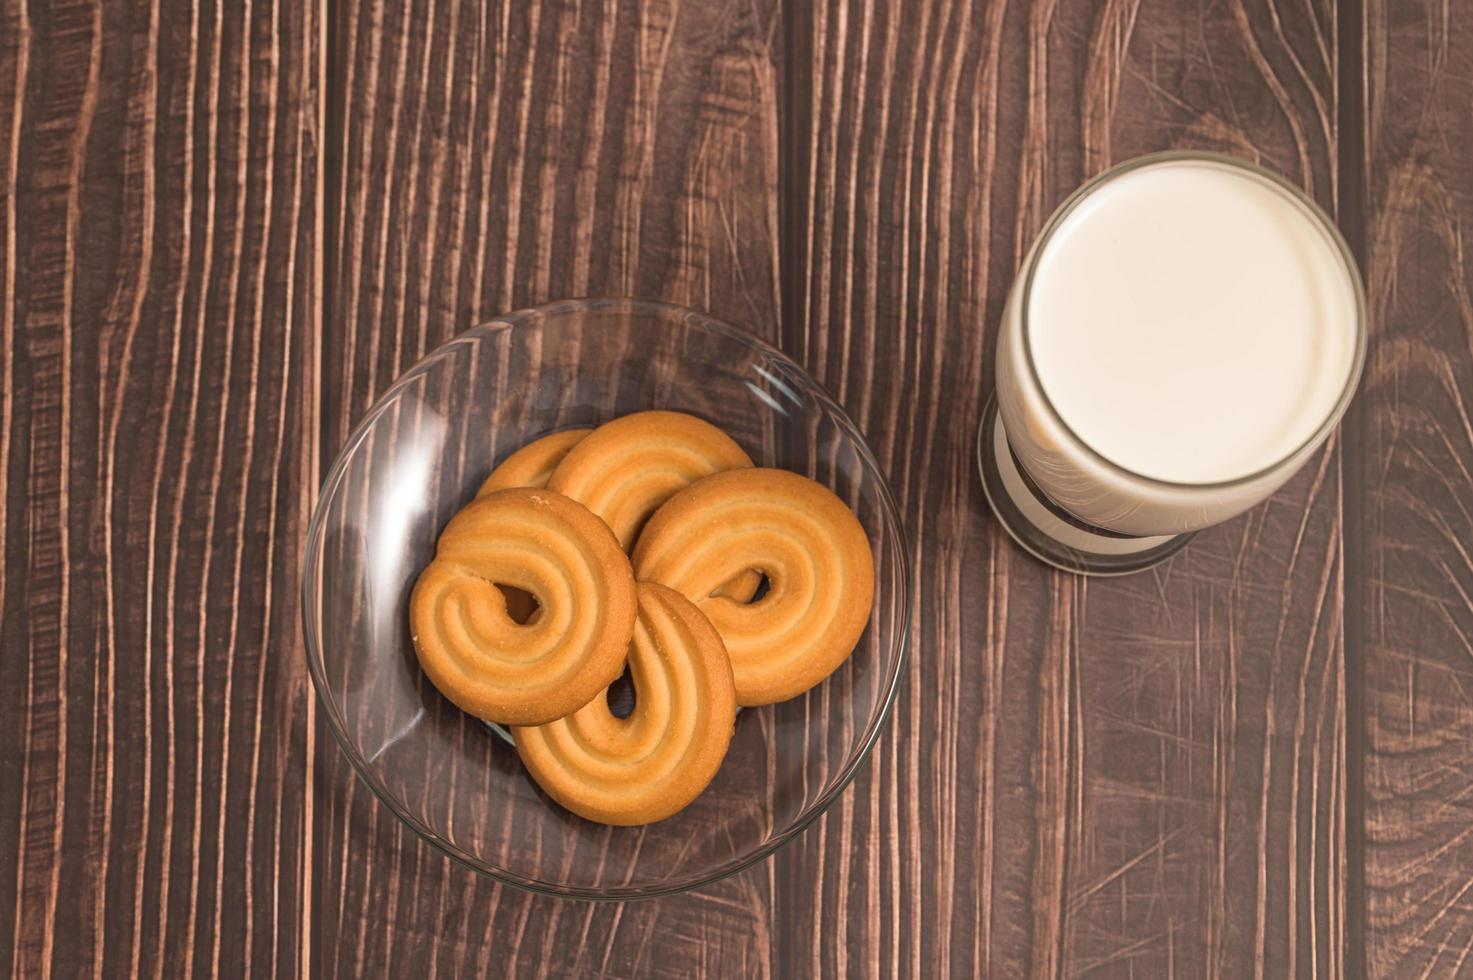 giornata mondiale del latte, bere latte e mangiare biscotti, colazione sana foto